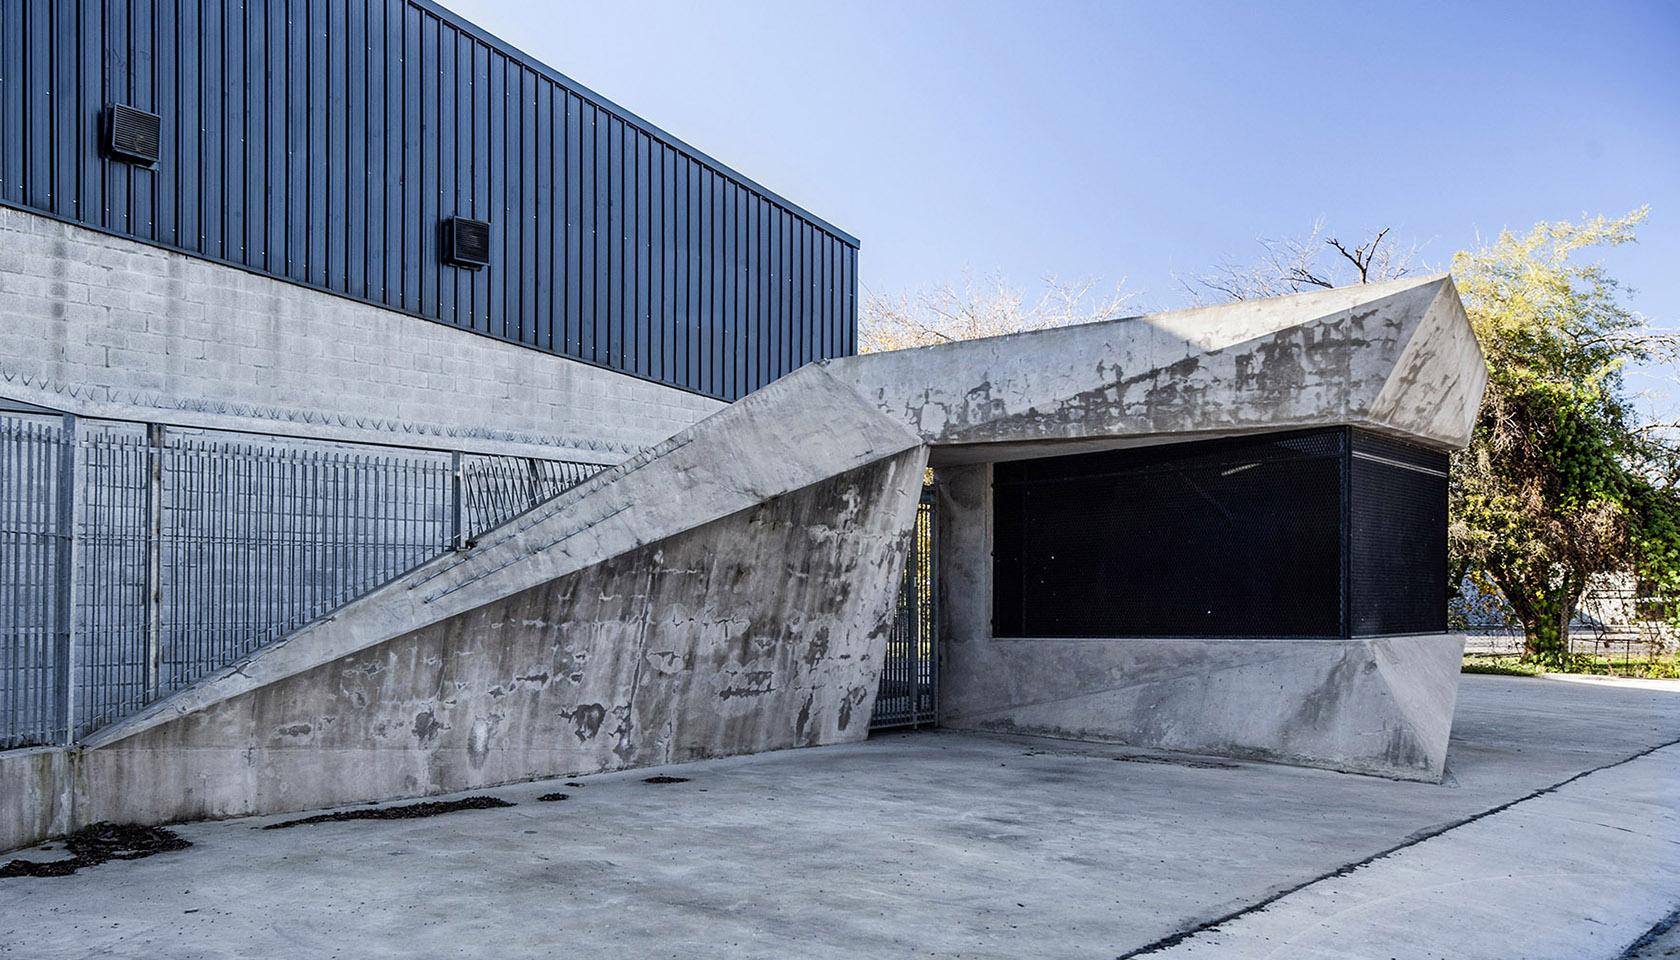 Foto detalle de ingreso peatonal, plegado de hormigón, arquitectura industrial contemporánea, plegado en acero